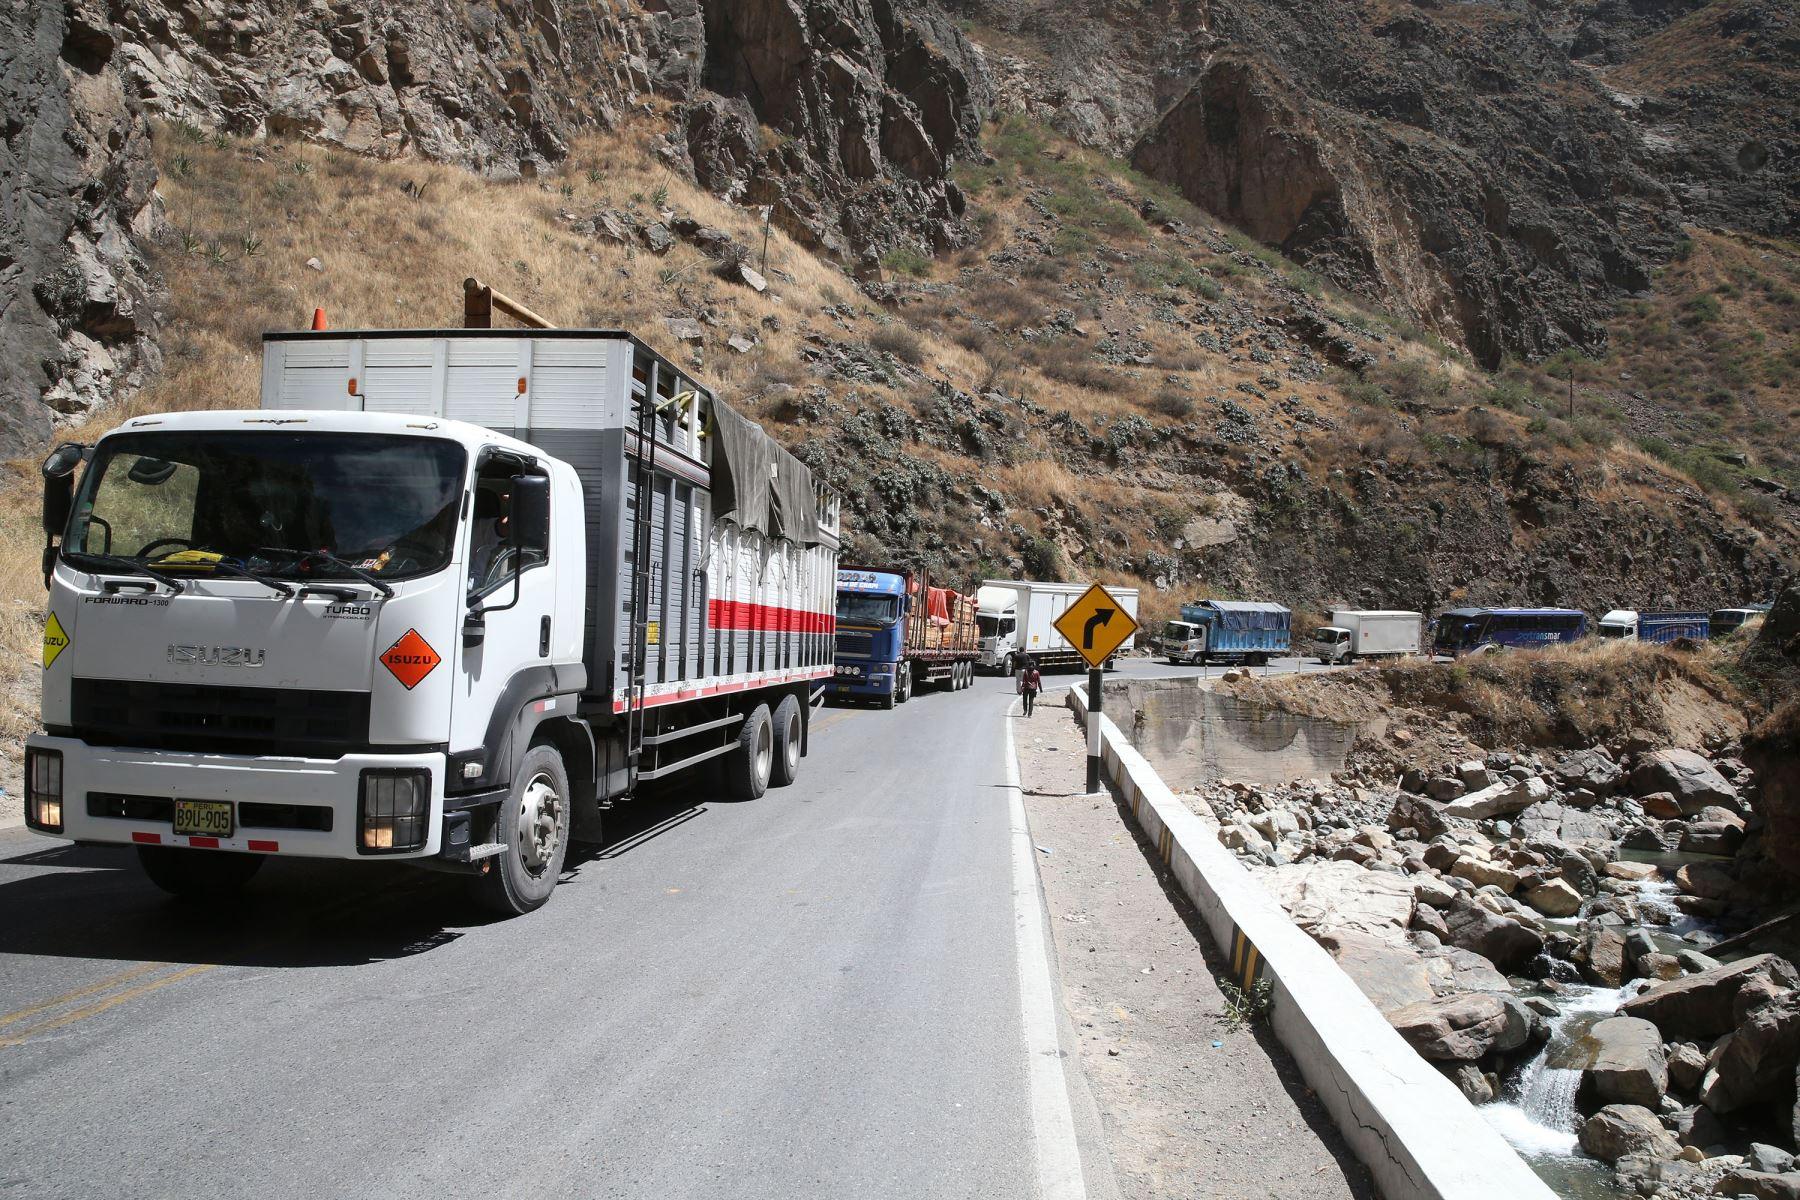 paro-de-transportistas-ejecutivo-reincorporara-el-diesel-en-fondo-de-estabilizacion-para-evitar-incremento-de-precio